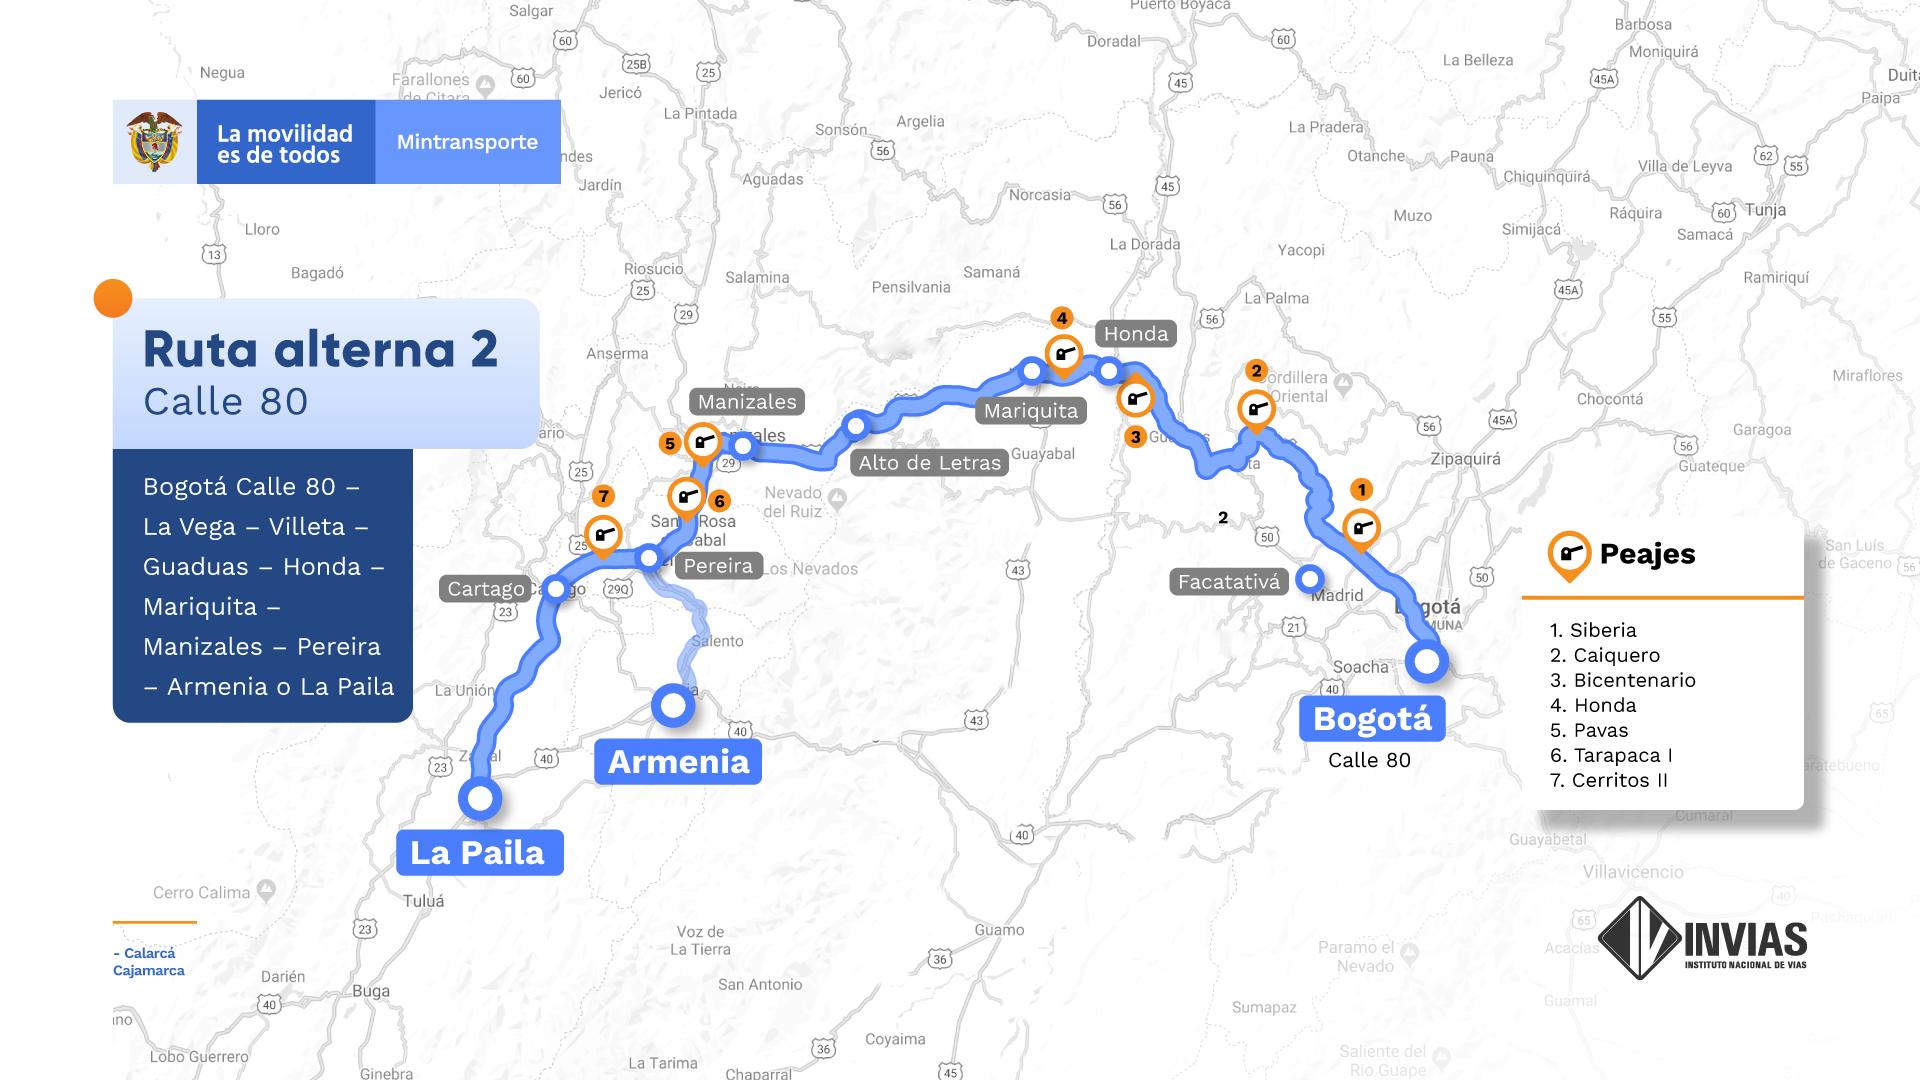 Ilustración Ruta alterna 1 - Bogotá - Armenia o La Paila